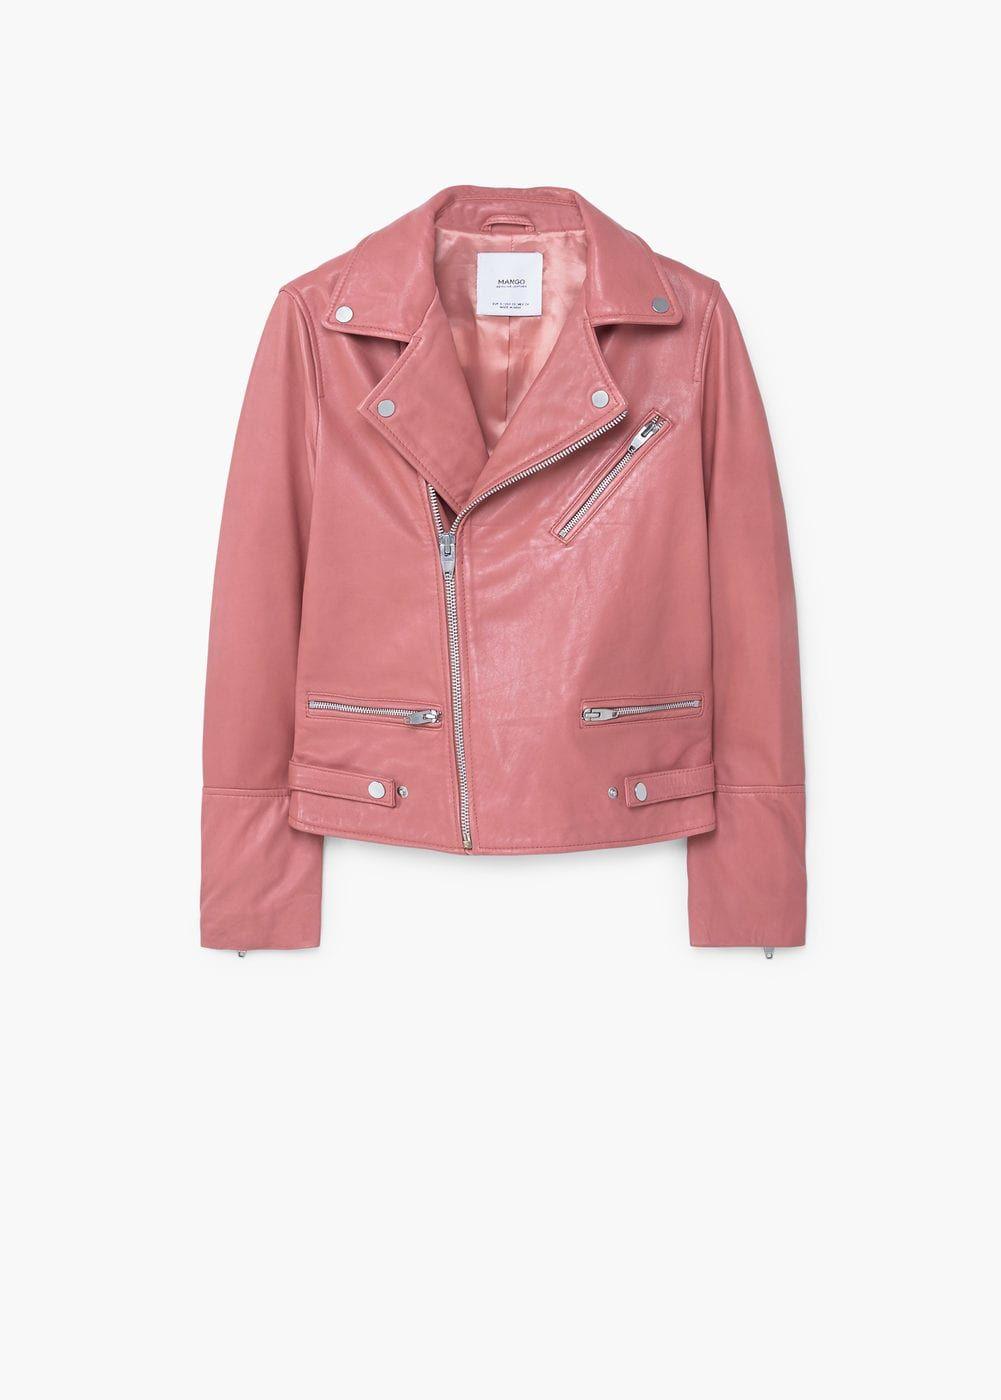 4c81855d66a5 Leather biker jacket - Women | Wishlist | Jackets, Suede moto jacket ...